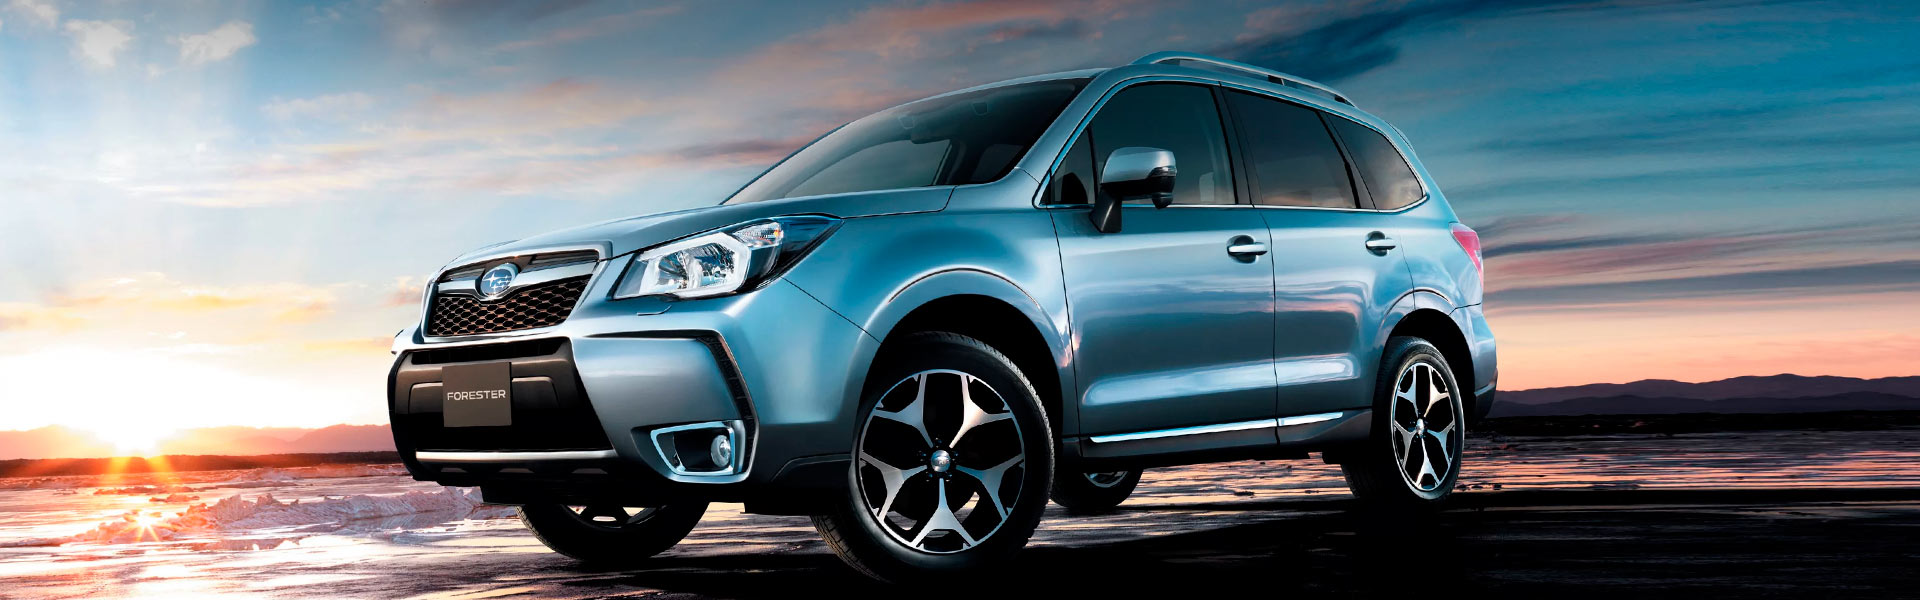 Замена амортизаторов Subaru